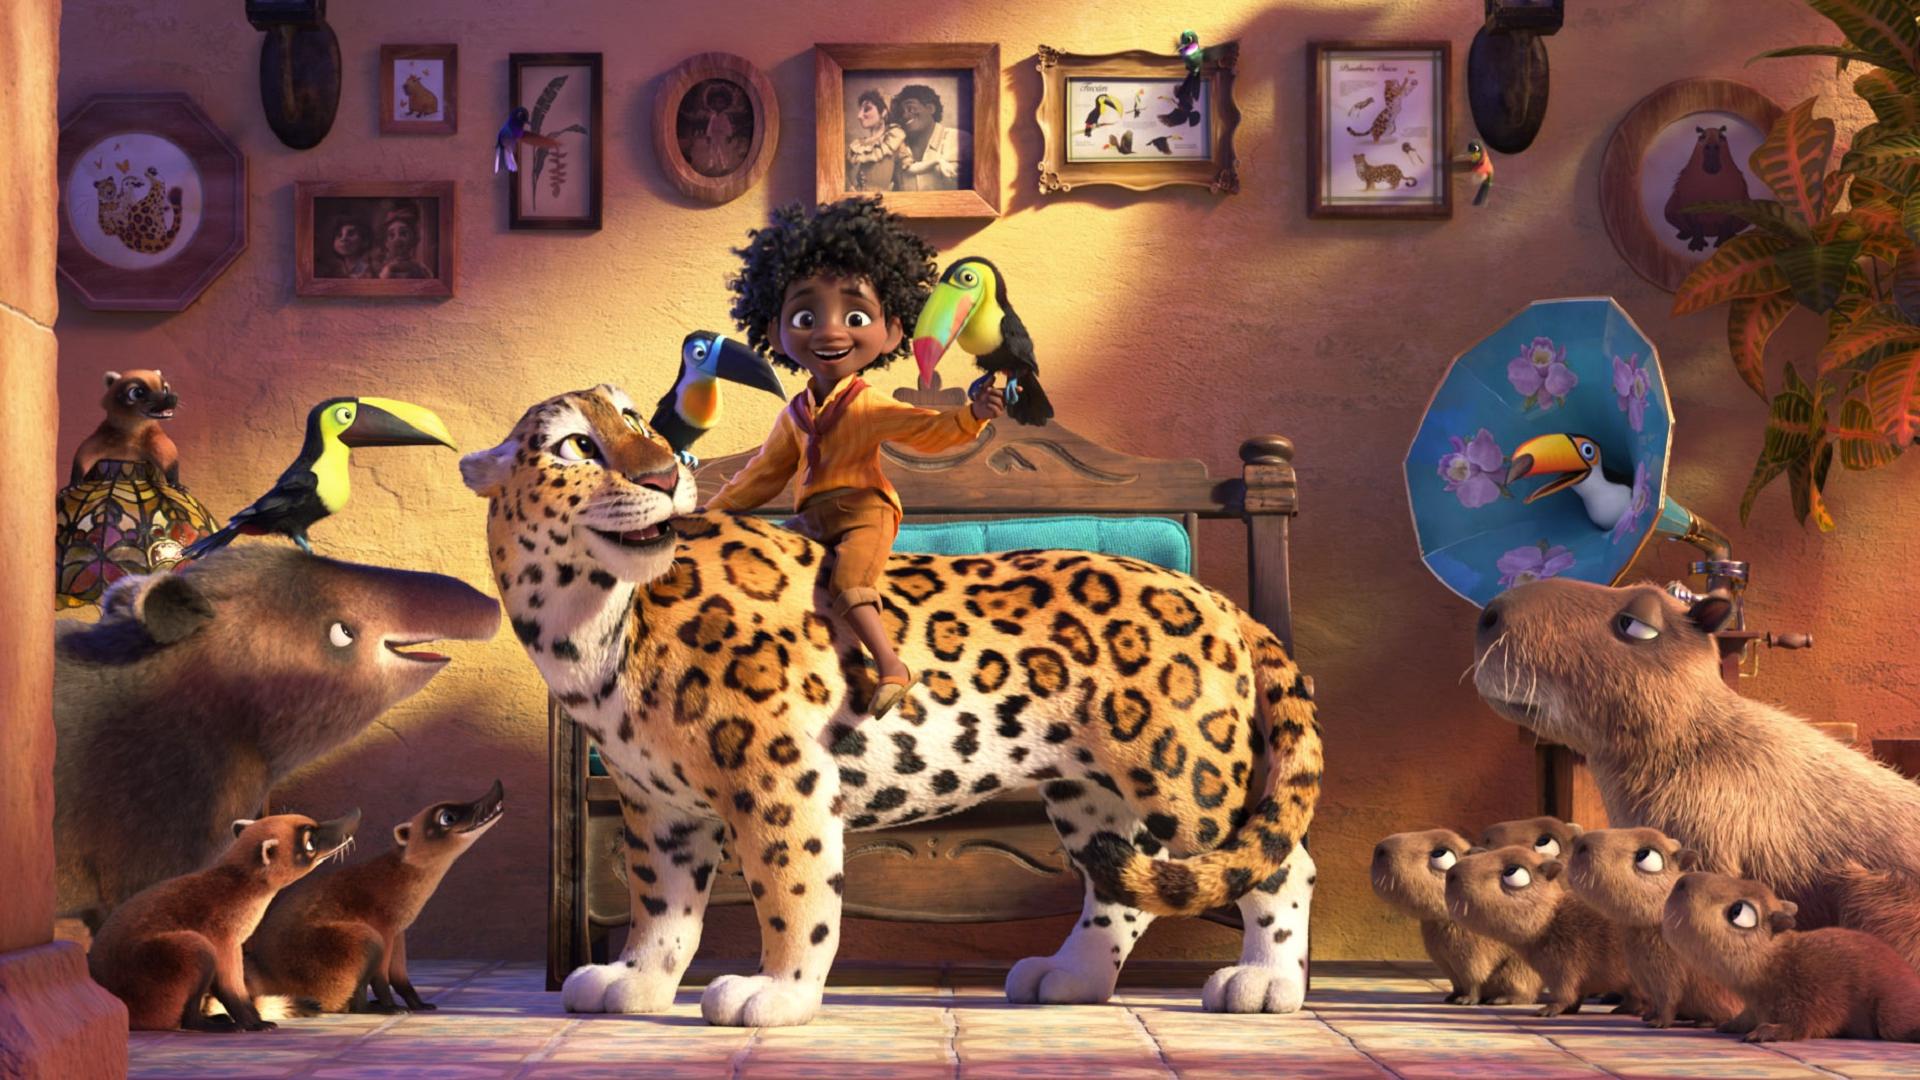 Nuevo tráiler de Encanto, la película de Disney inspirada en Colombia